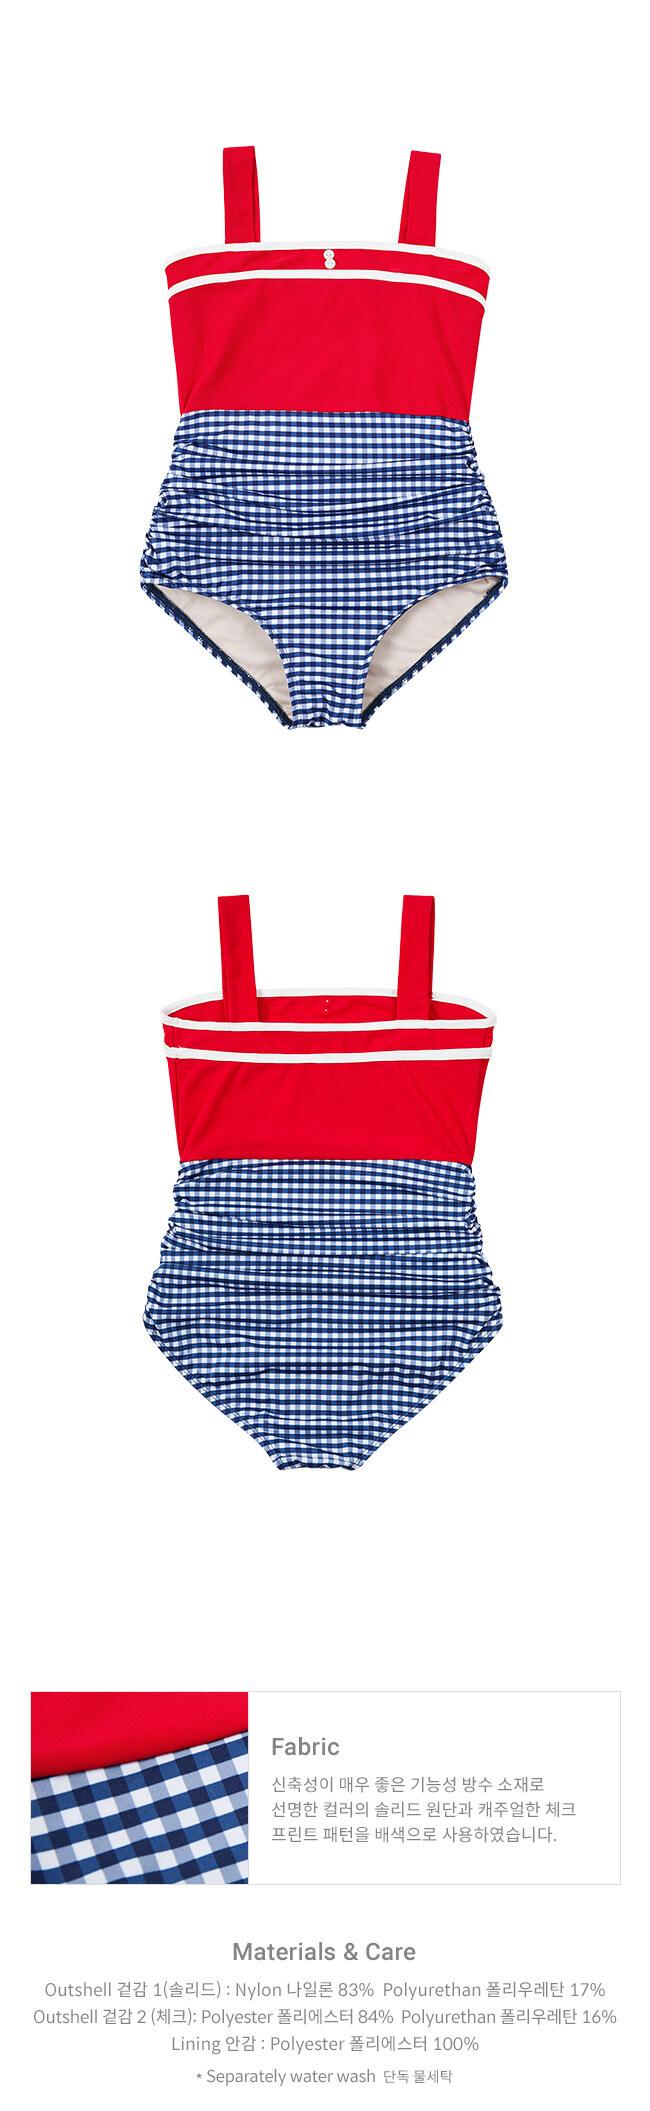 레이브(RAIVE) Color Block Vintage OP Swimsuit in Red_VW9MX0960